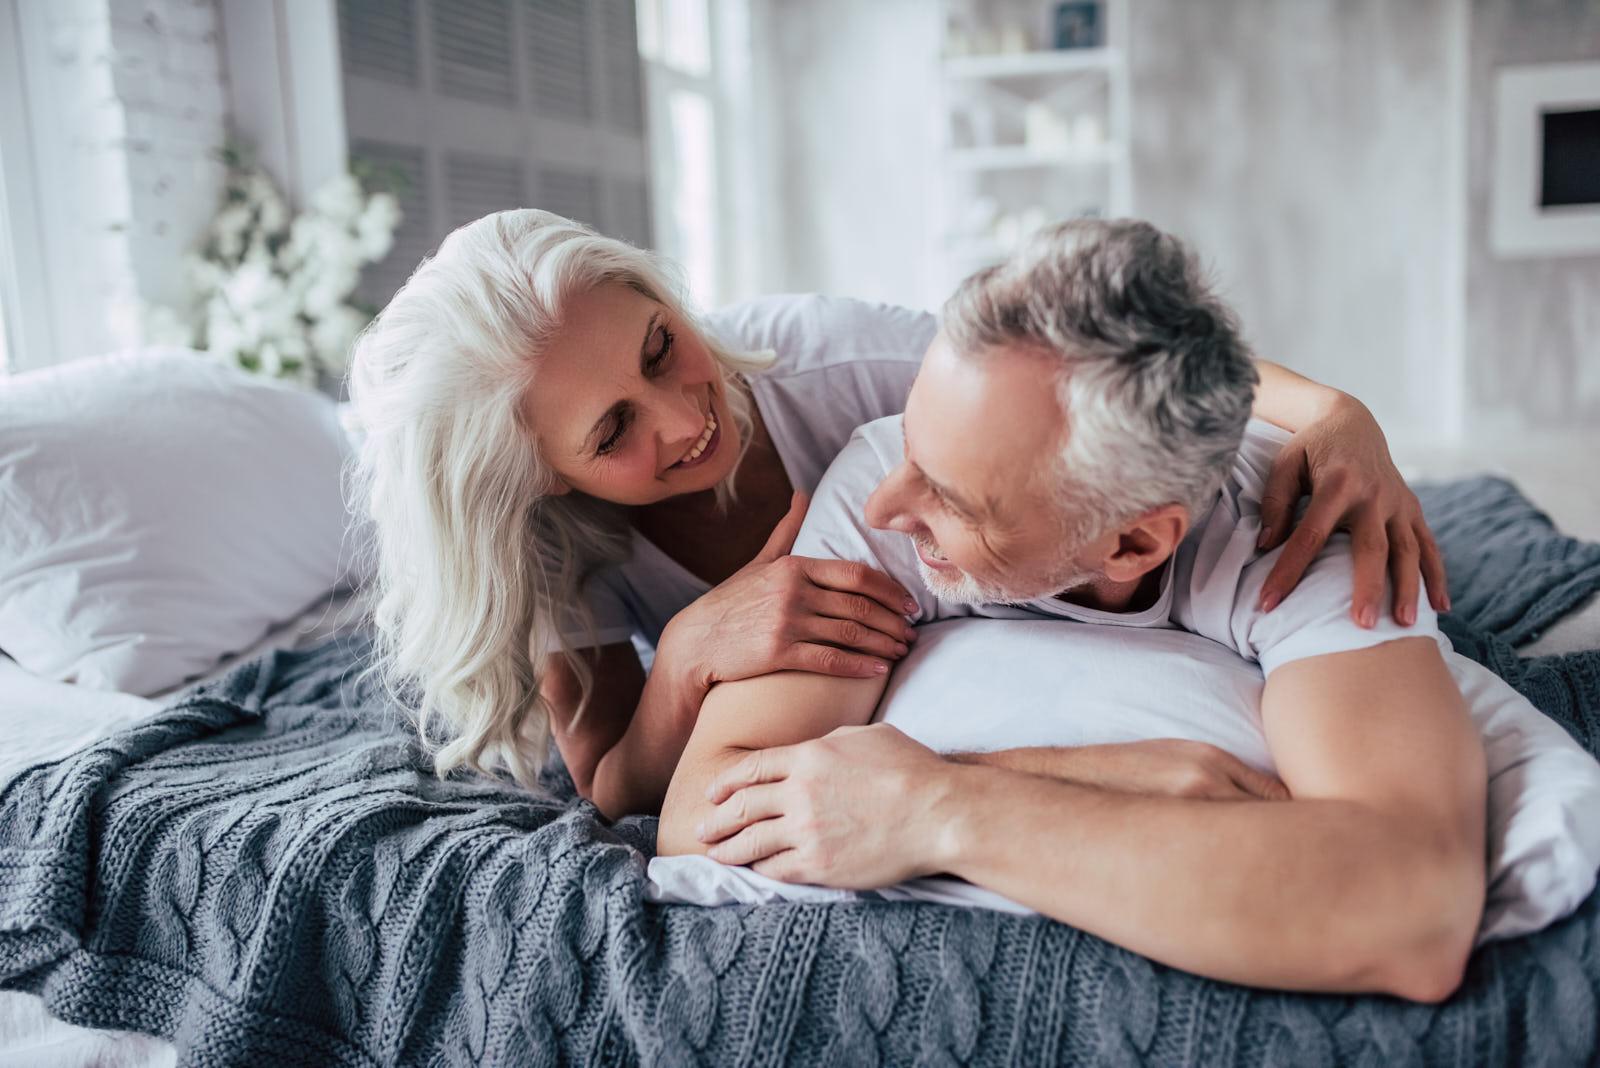 Bemerode, Privatkunden, Sofortrente, Rürup-Rente, Riester-Rente, Private Rentenversicherung, Versicherungsmakler, entspanntes Paar, Rente, Kochen